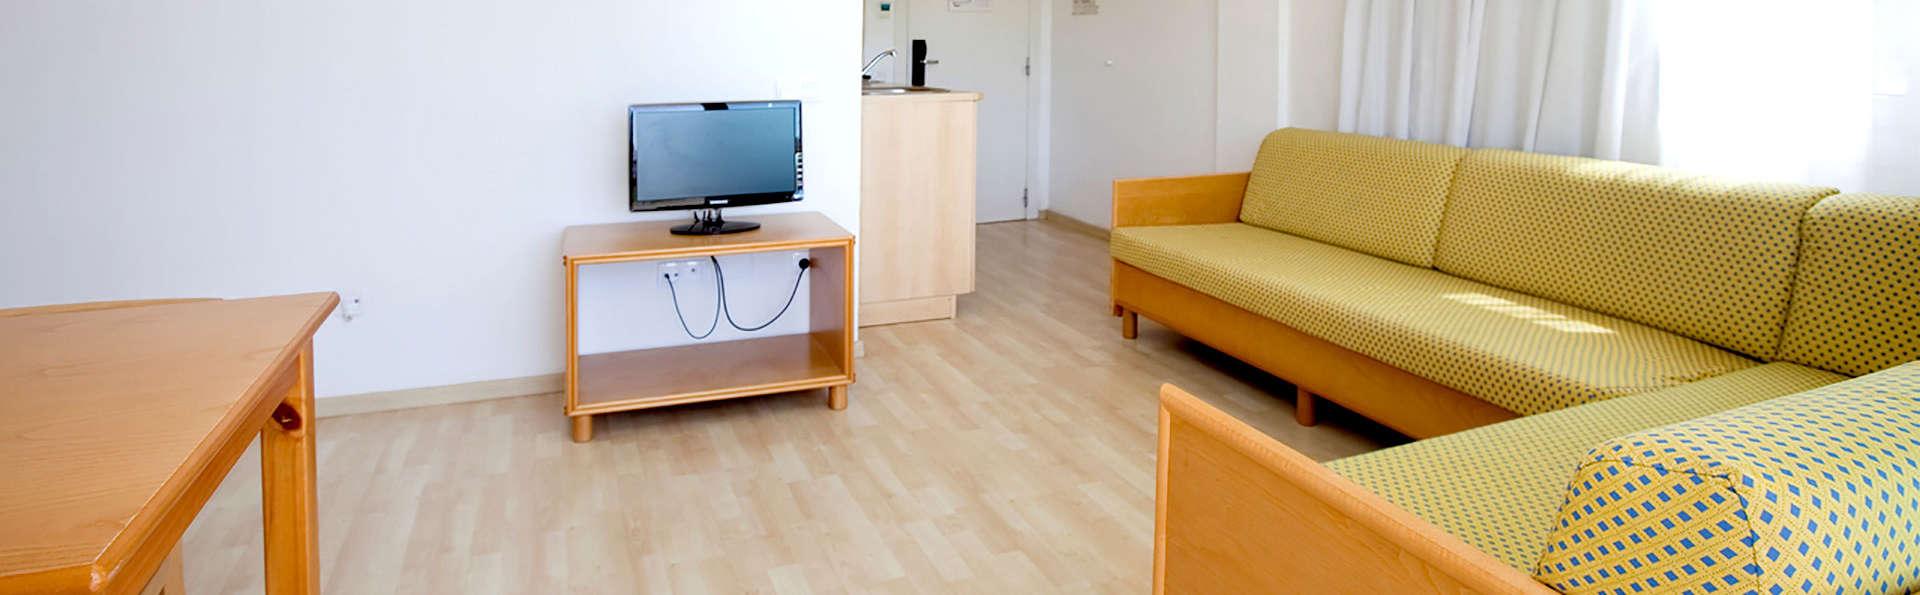 Les Dàlies - Blaumar Apartaments - Edit_Apartment7.jpg